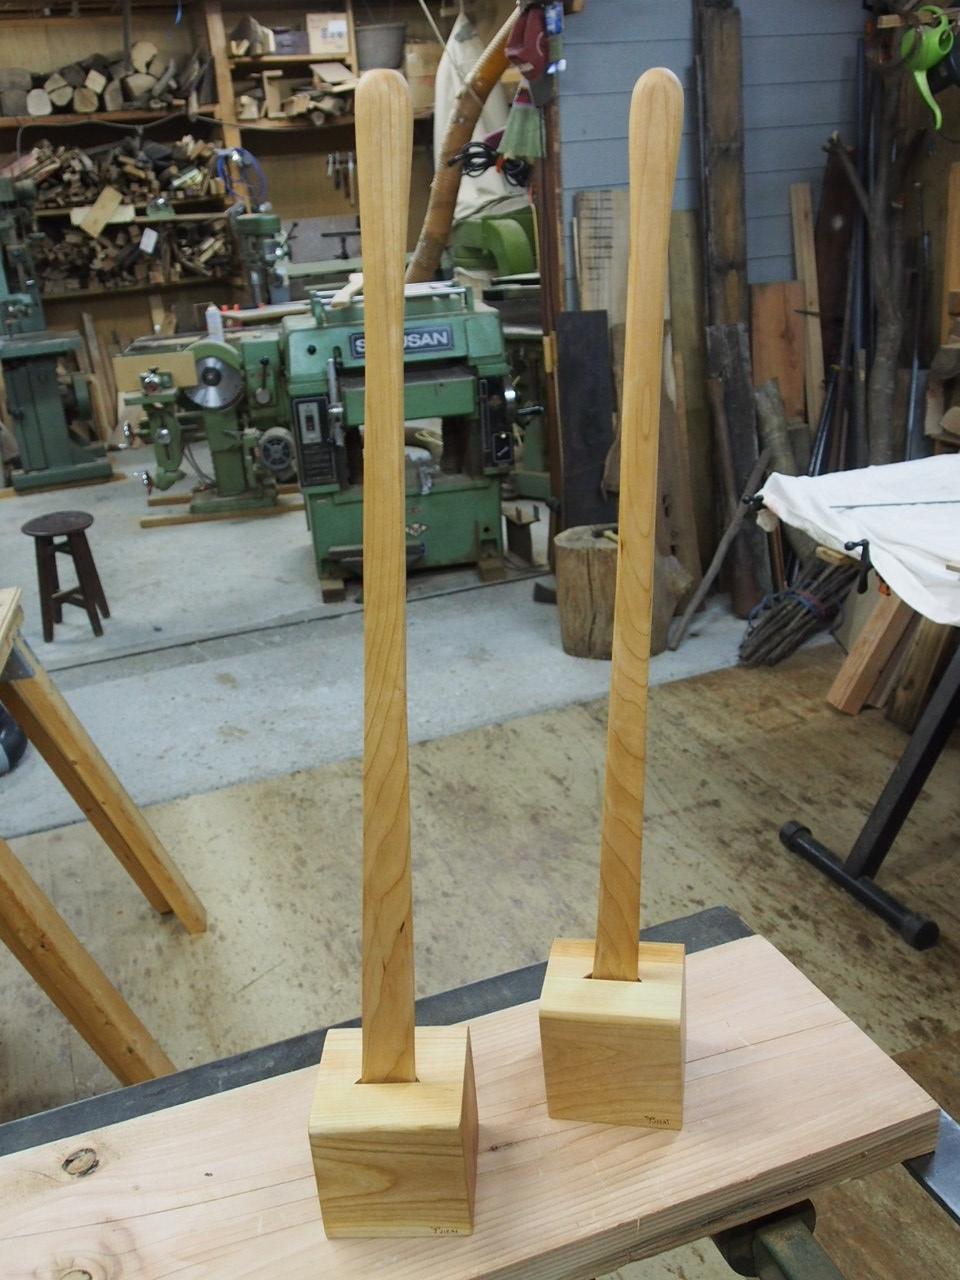 那須高原 じざい工房 小林康文の素材を活かす家具づくり 靴べらセット